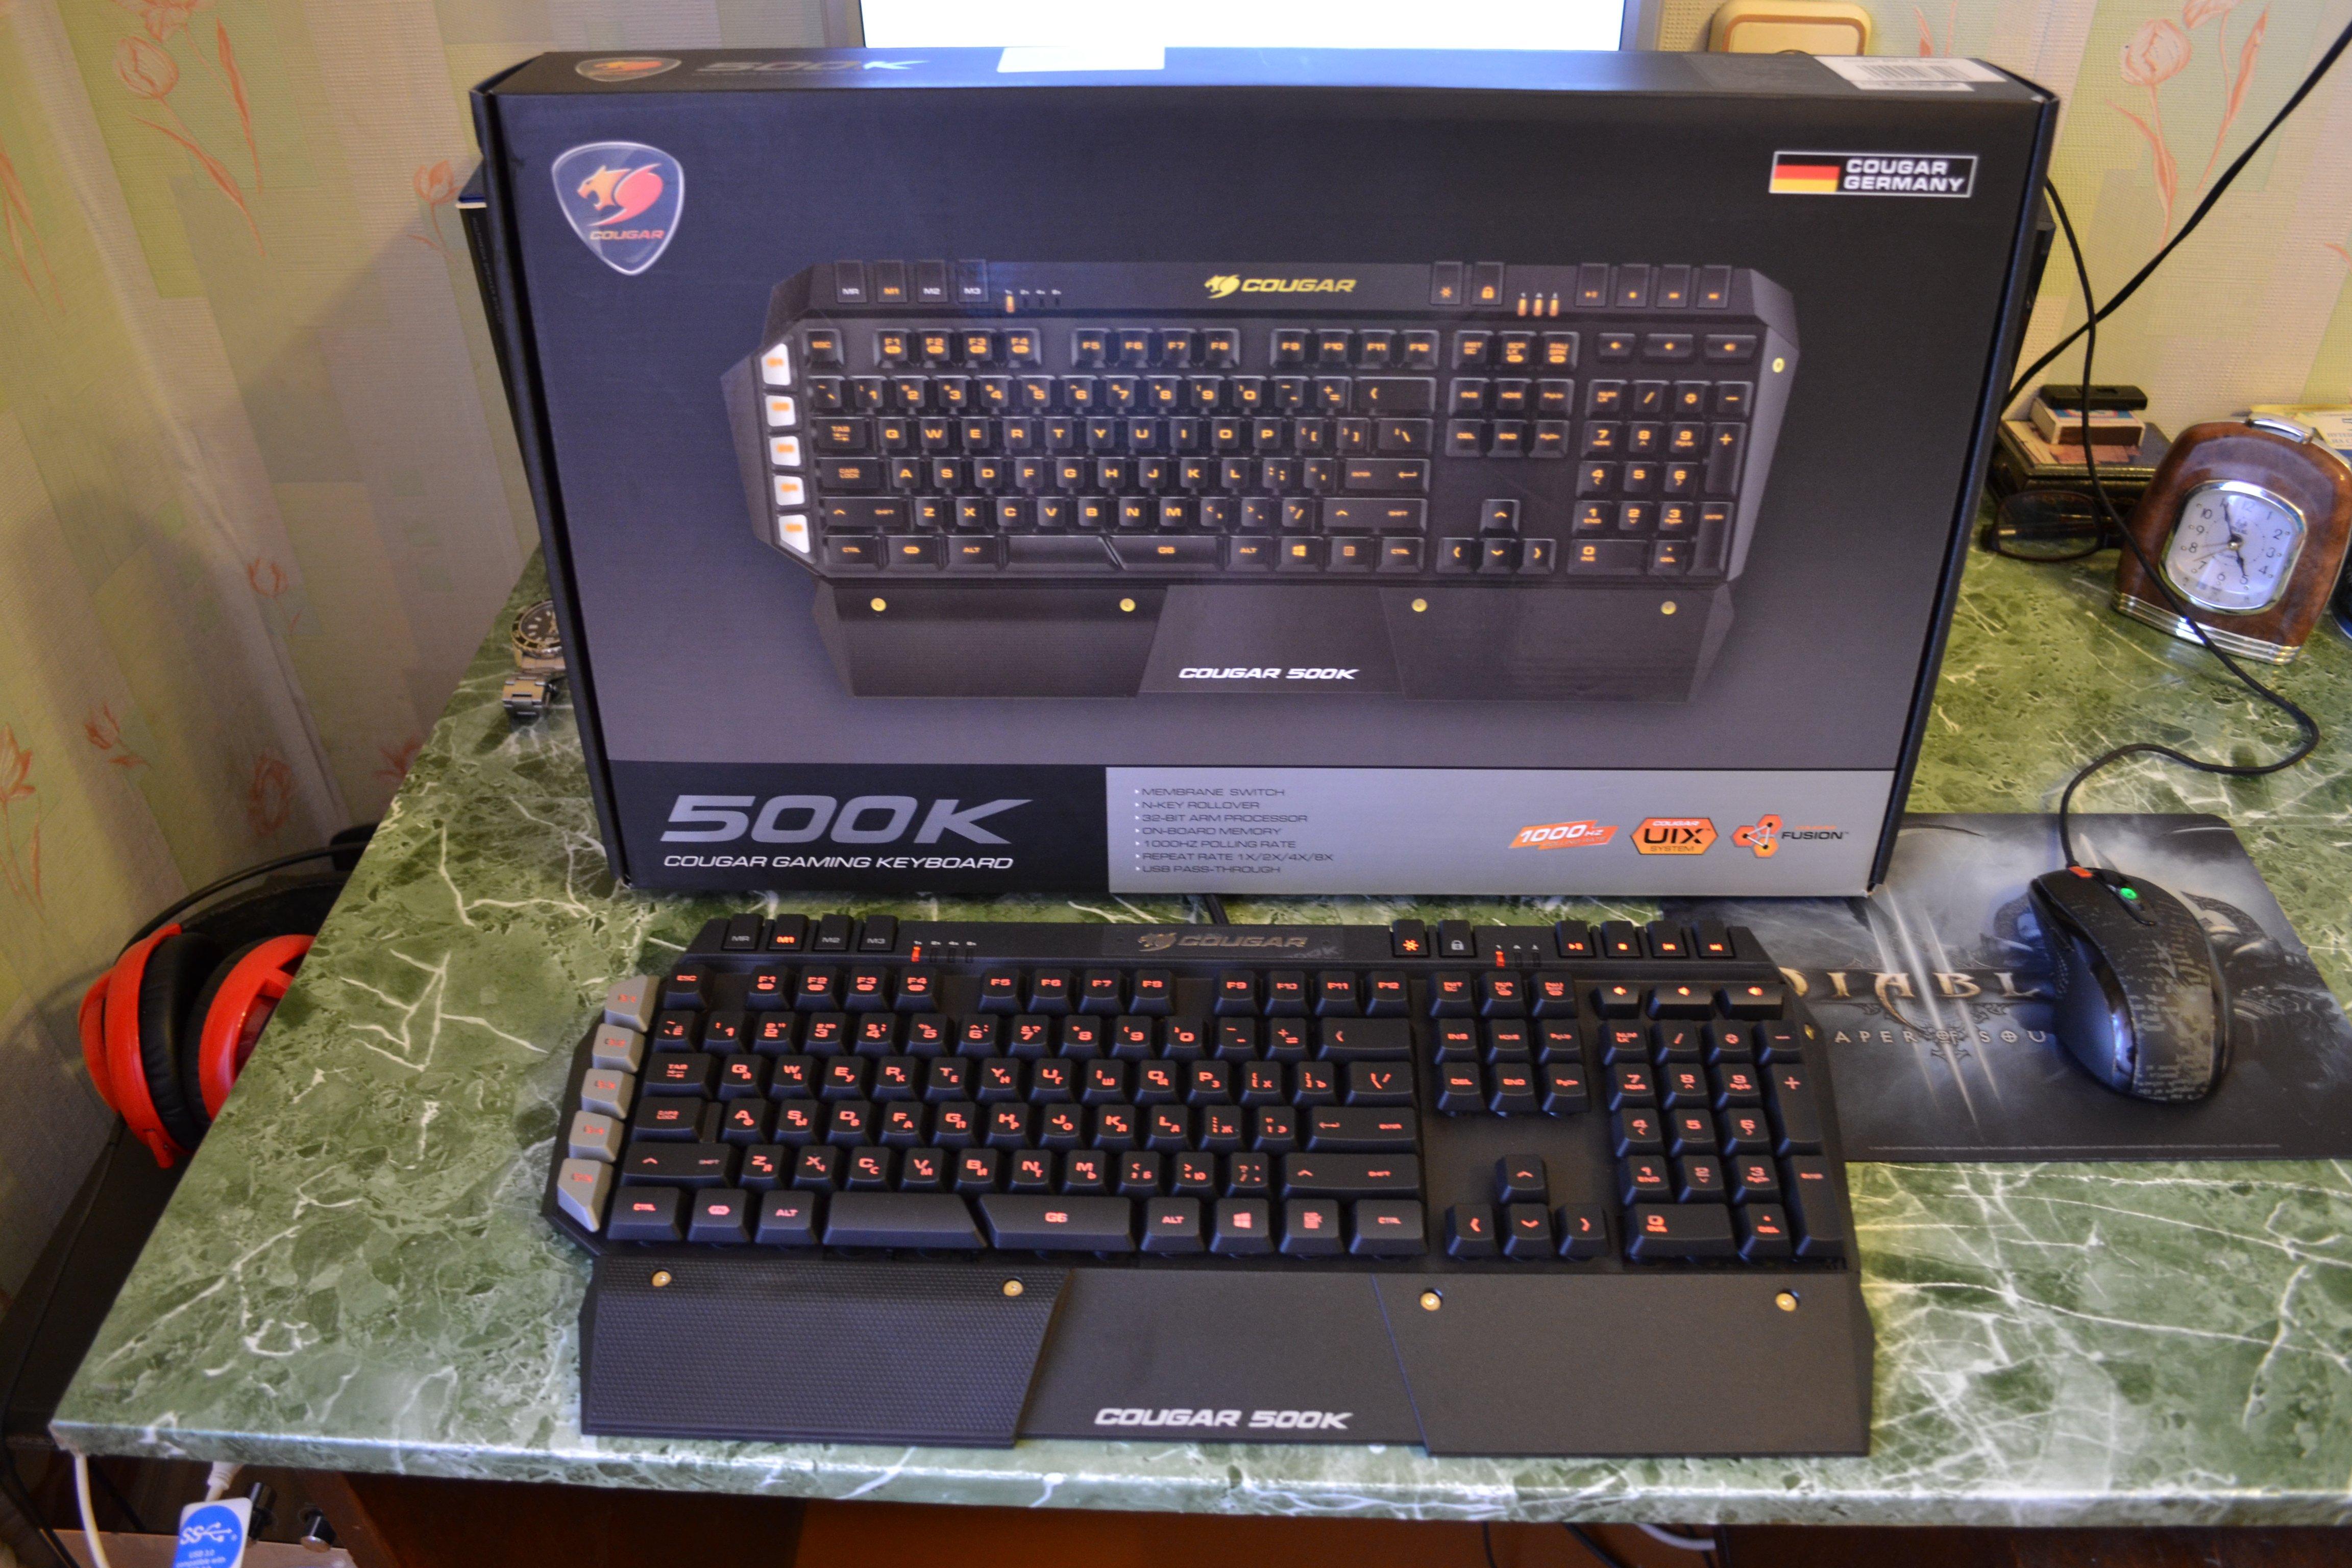 Клавиатура Cougar 500K. - Изображение 1